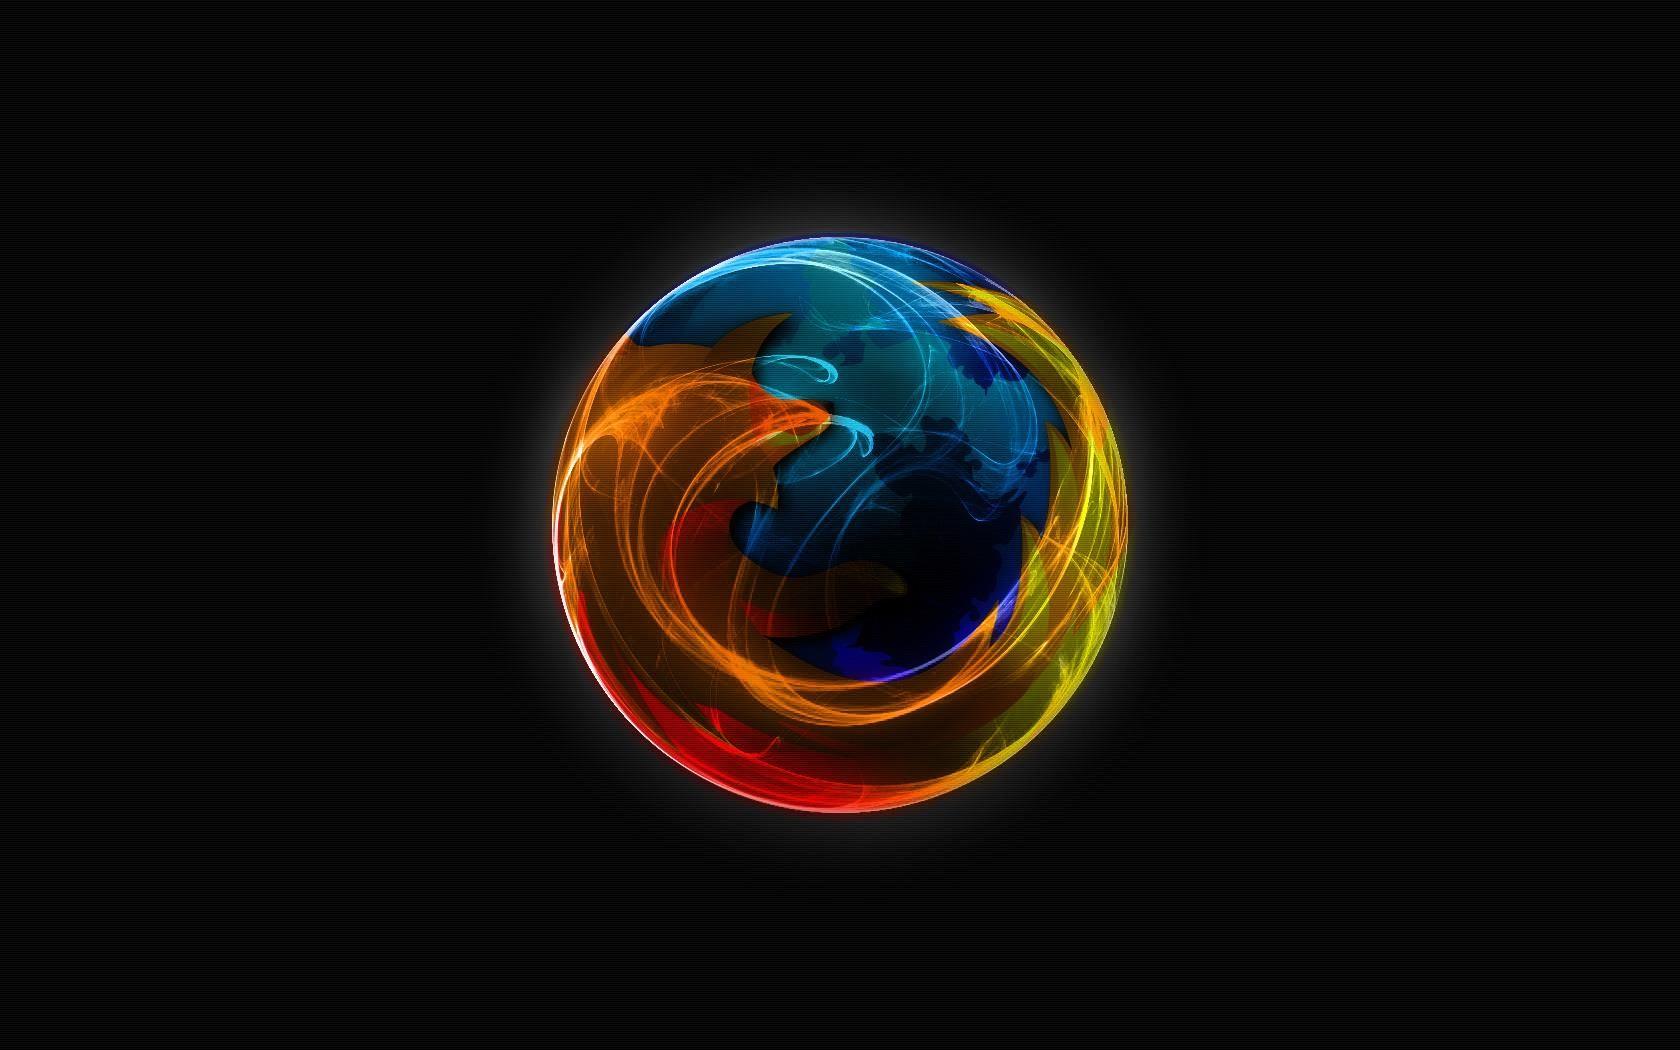 Des Fonds D Ecran En Couleur A Telecharger Gratuitement Fonds D Ecran Gratuits By Unesourisetmoi Logo Firefox Fond D Ecran Android Hd Wallpaper Android